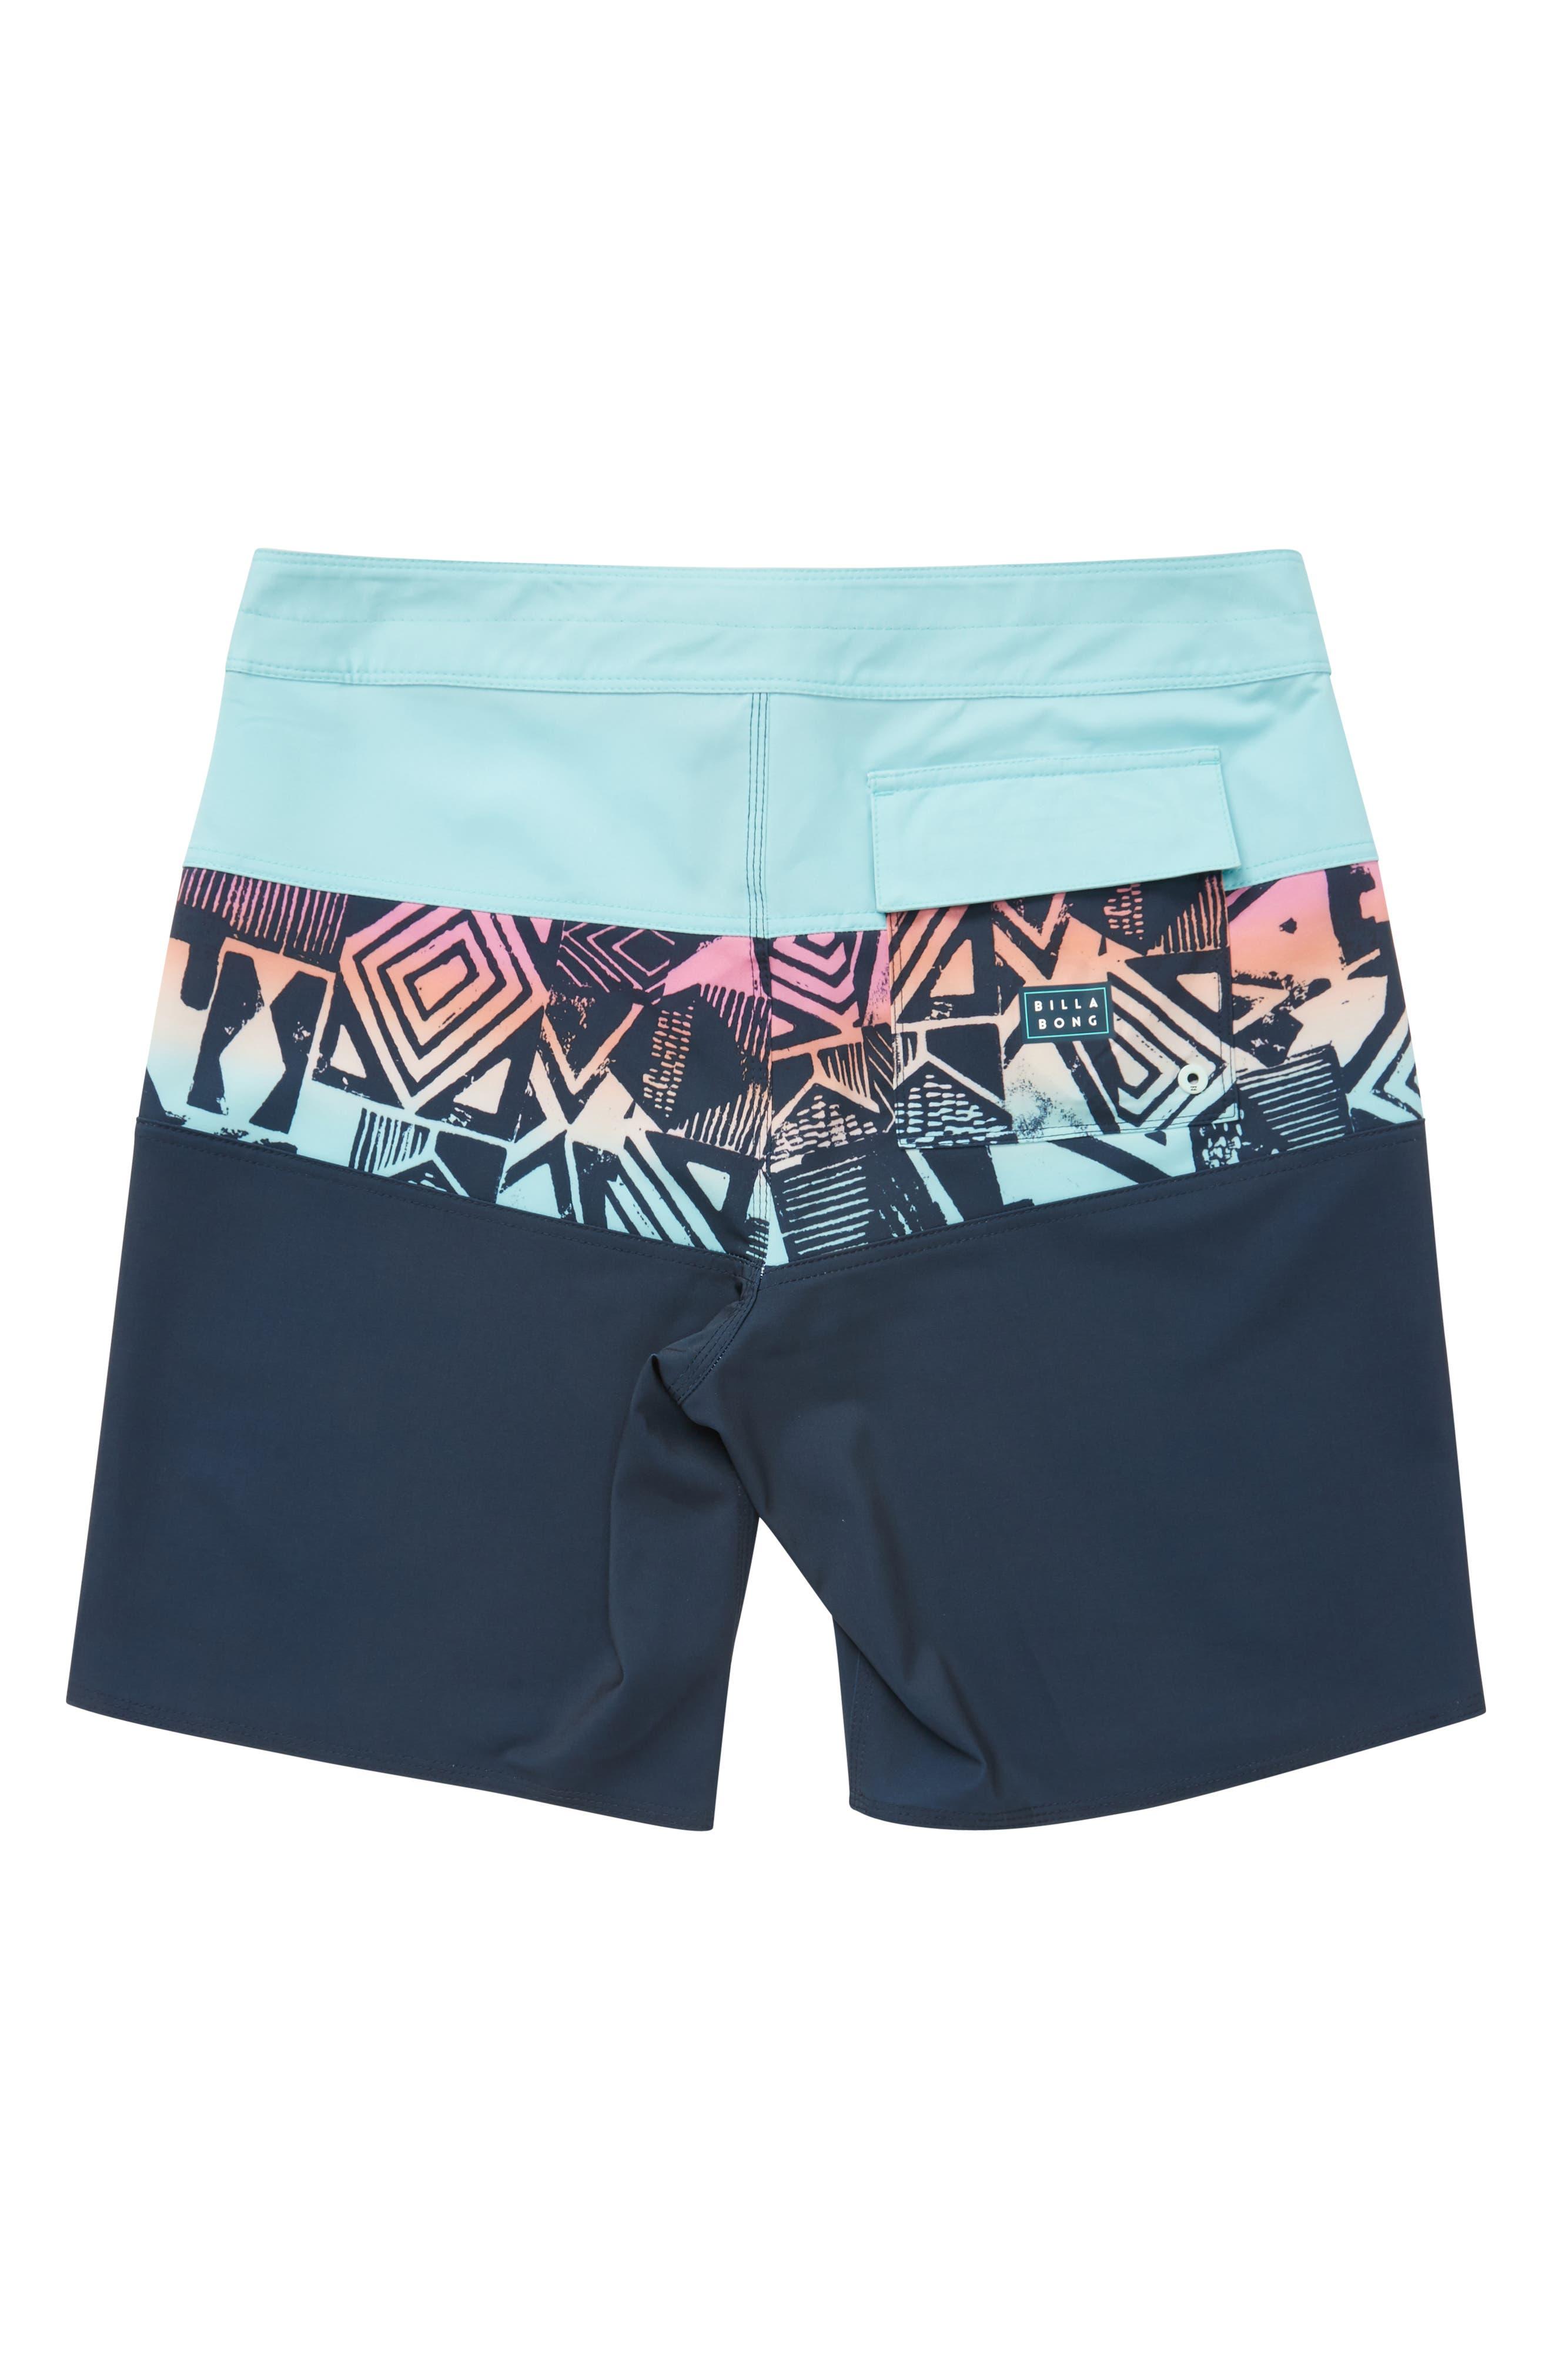 Tribong X Board Shorts,                             Alternate thumbnail 2, color,                             INDIGO